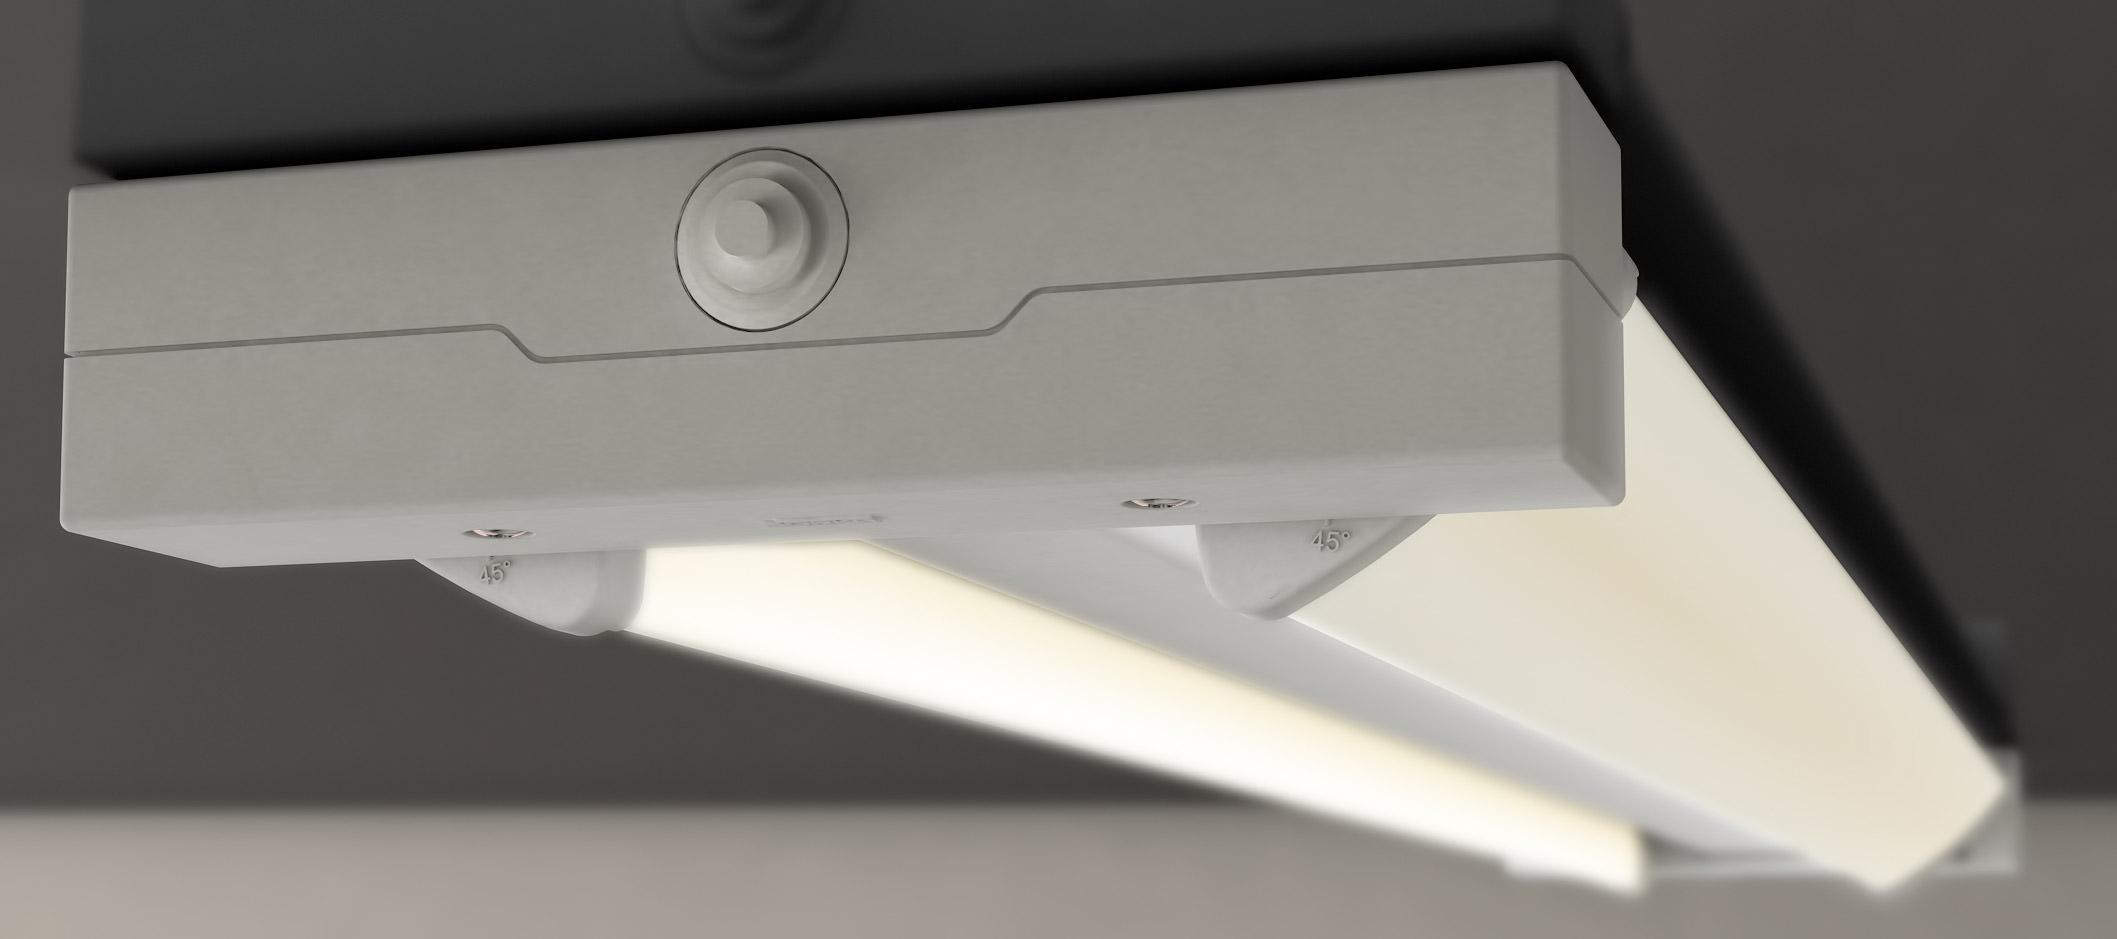 genf neue flache ip65 leuchtenserie von norka mit zwei bis zu 180 schwenkbaren schutzrohren. Black Bedroom Furniture Sets. Home Design Ideas